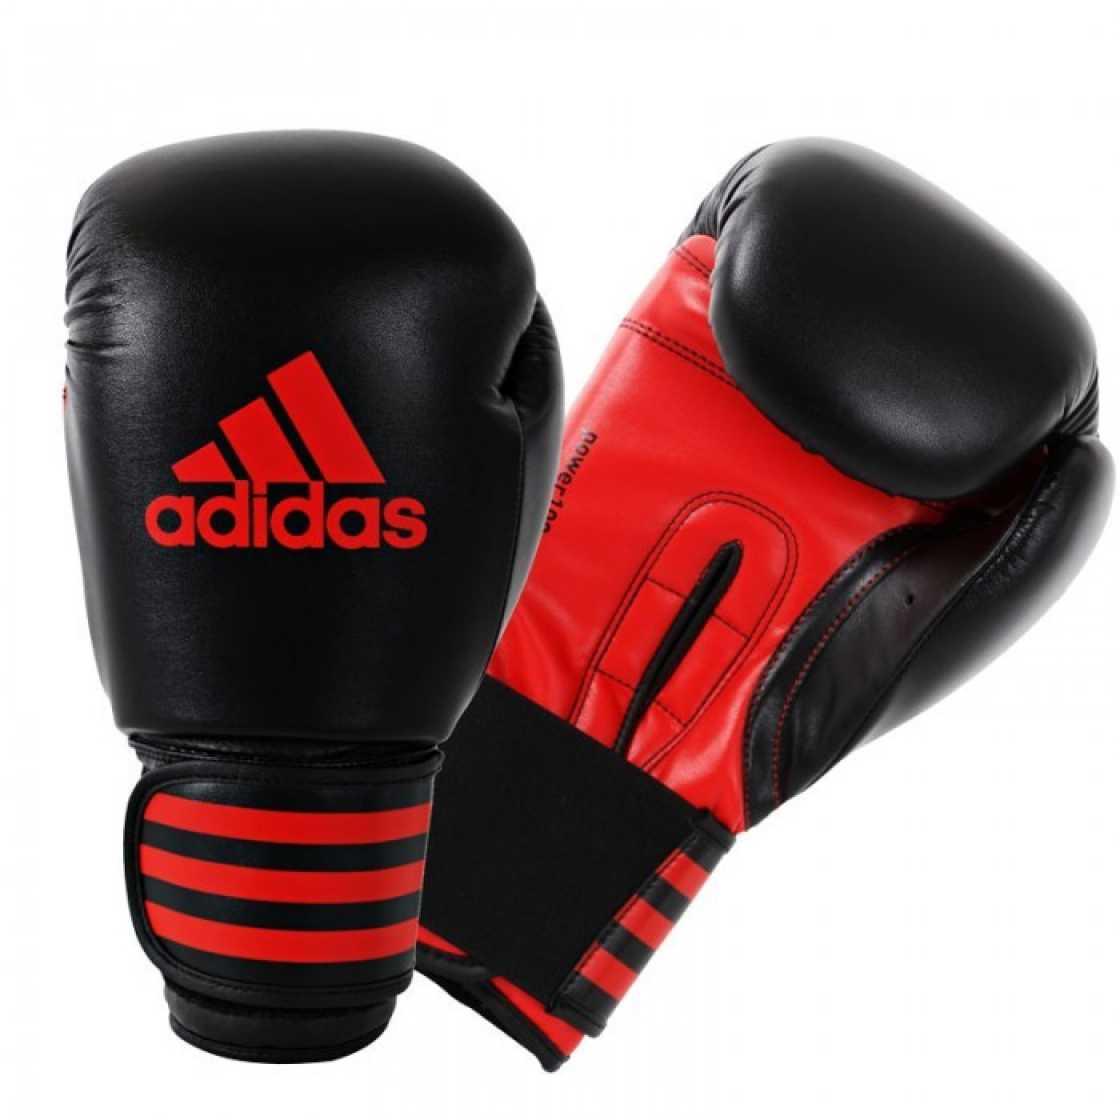 Adidas Power 100 (Kick)Bokshandschoenen - Zwart/Rood